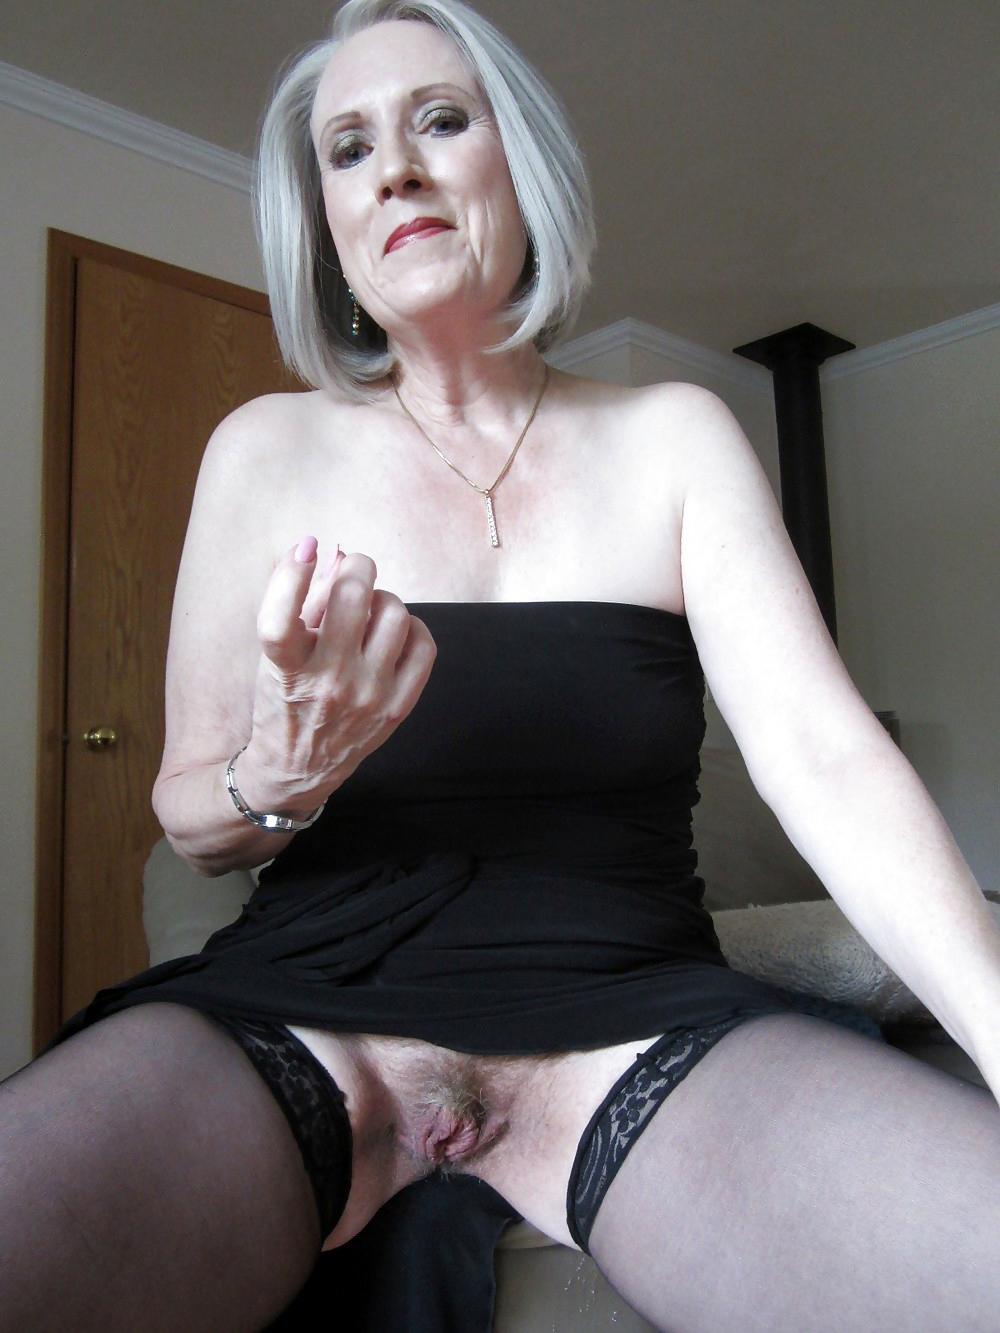 Hairy mature upskirt panties